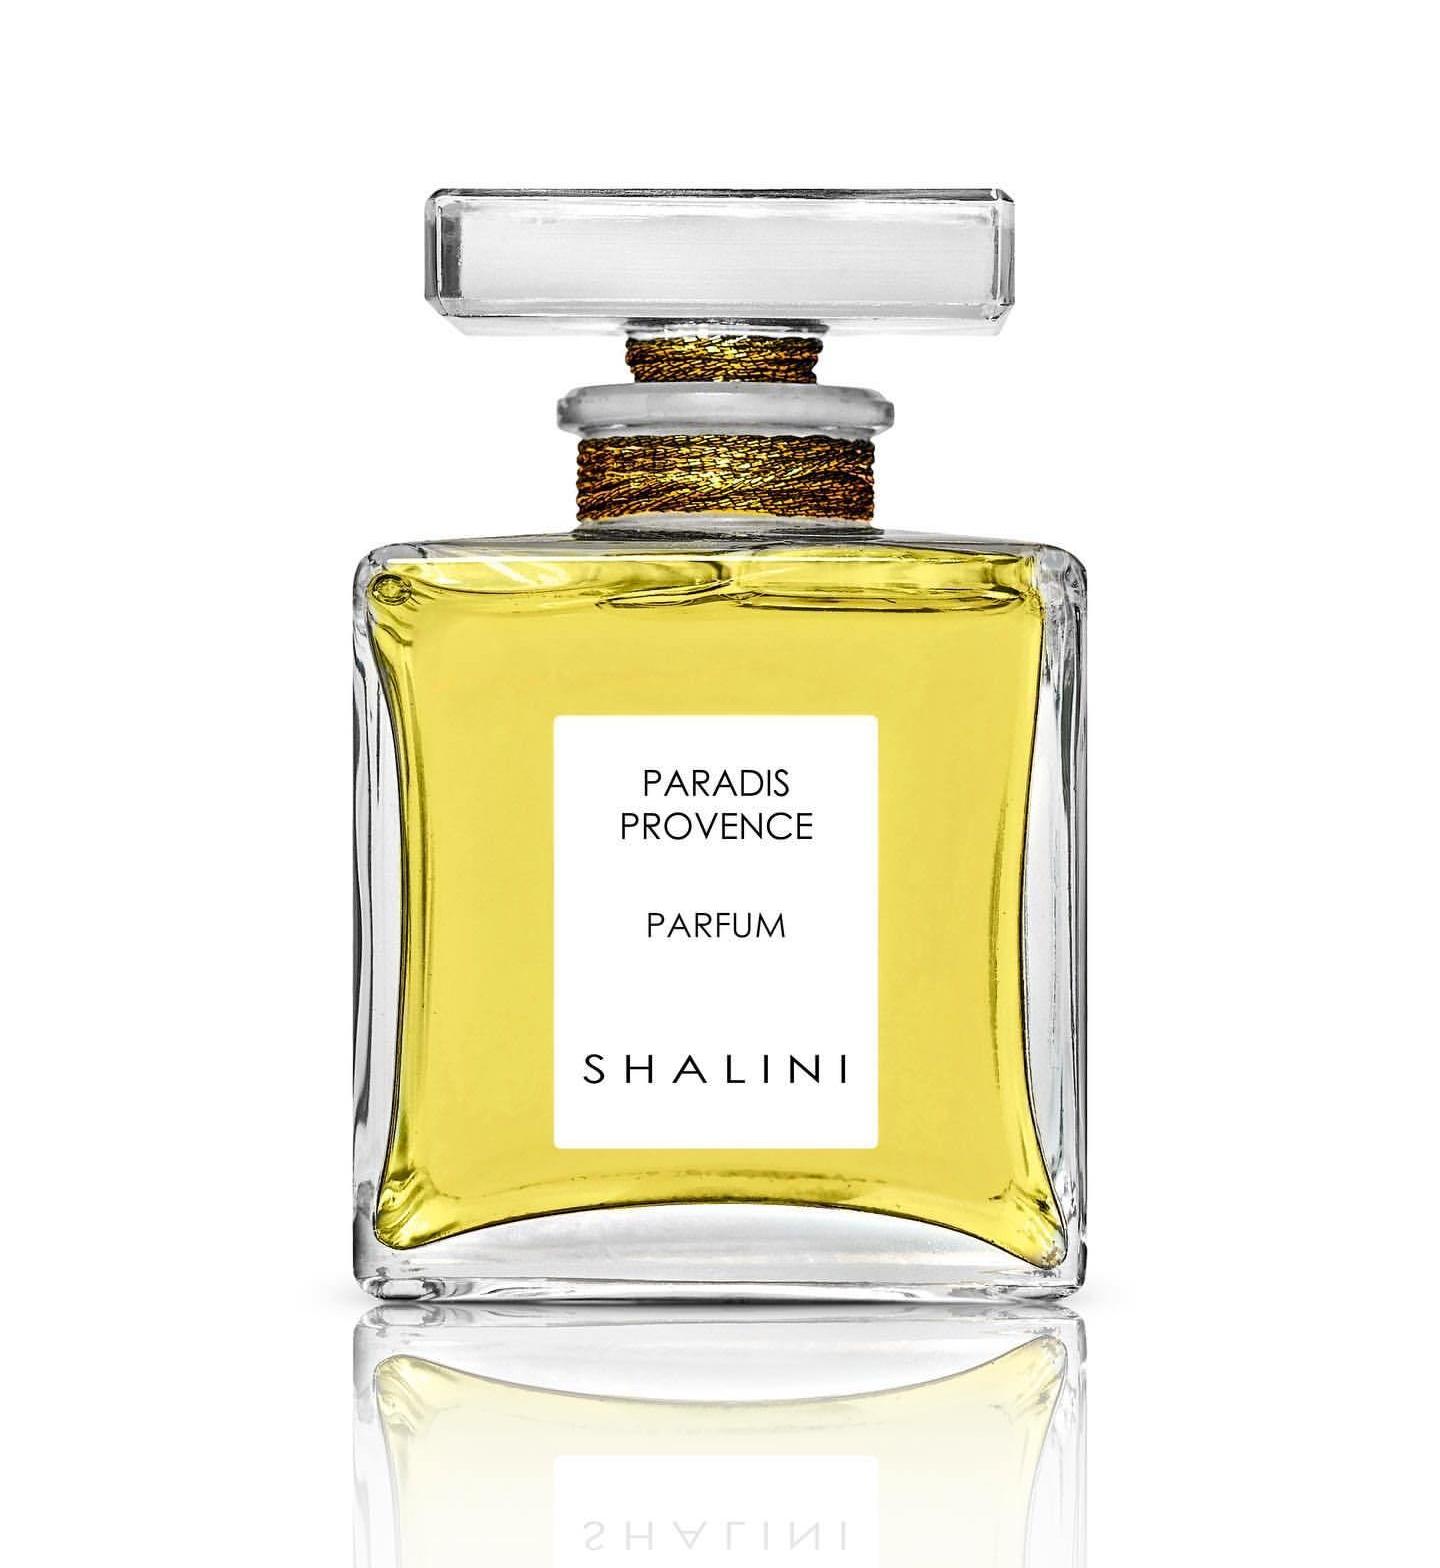 shalini-paradis-provenceo-flacon-e1564482683366.jpg